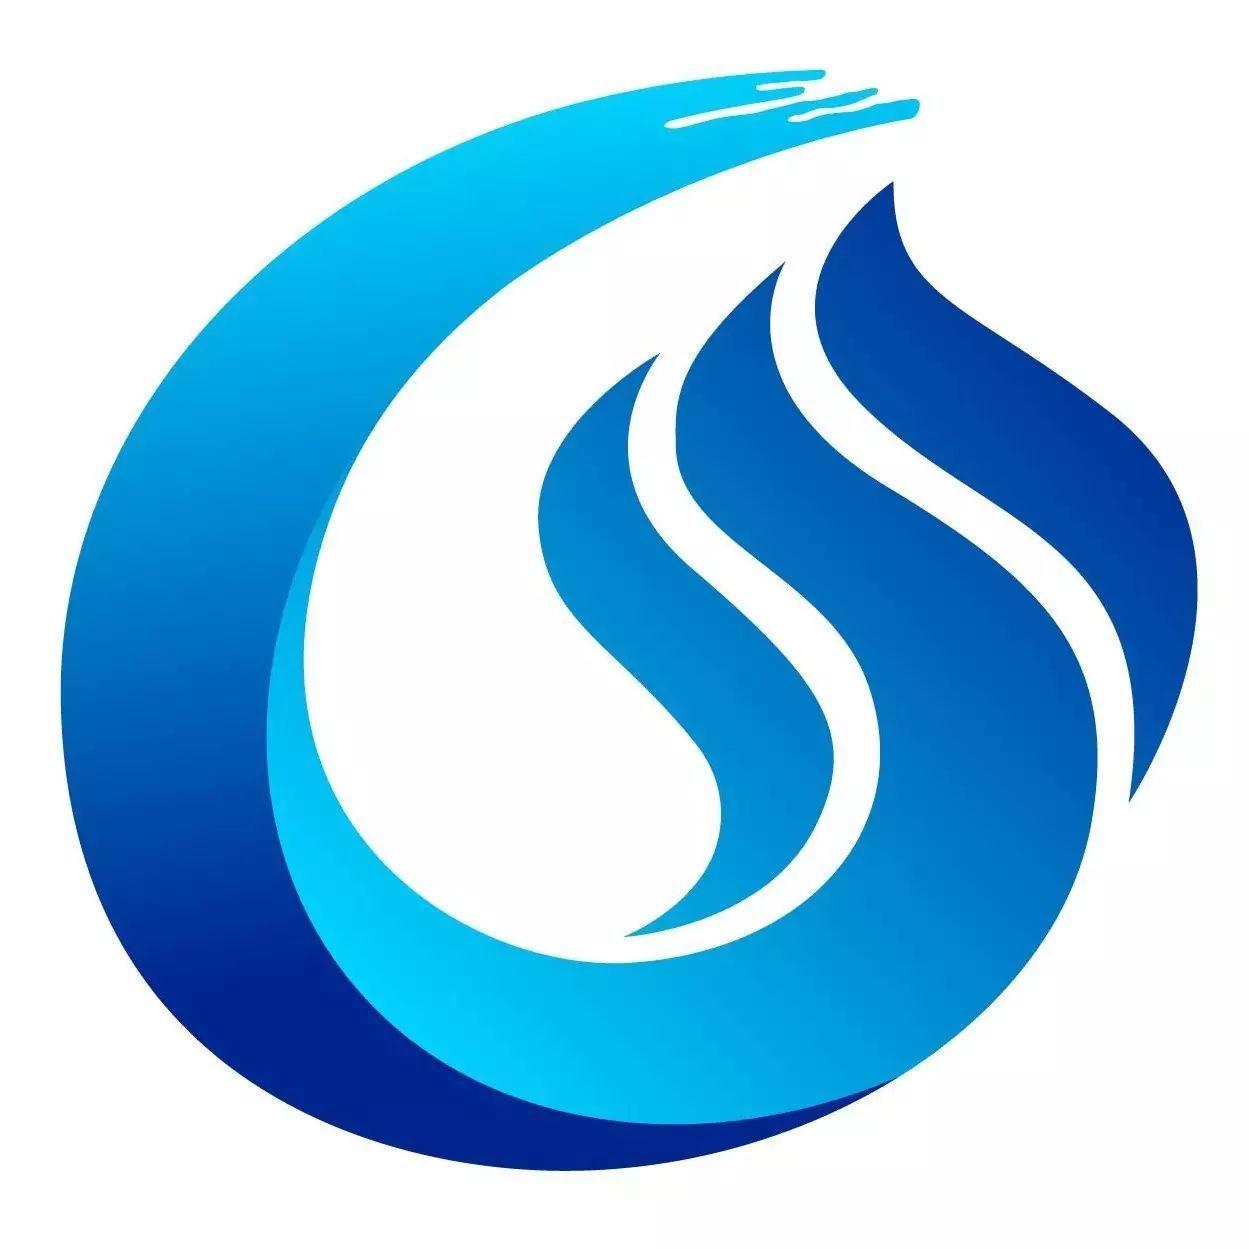 logo logo 标志 设计 矢量 矢量图 素材 图标 1249_1249图片